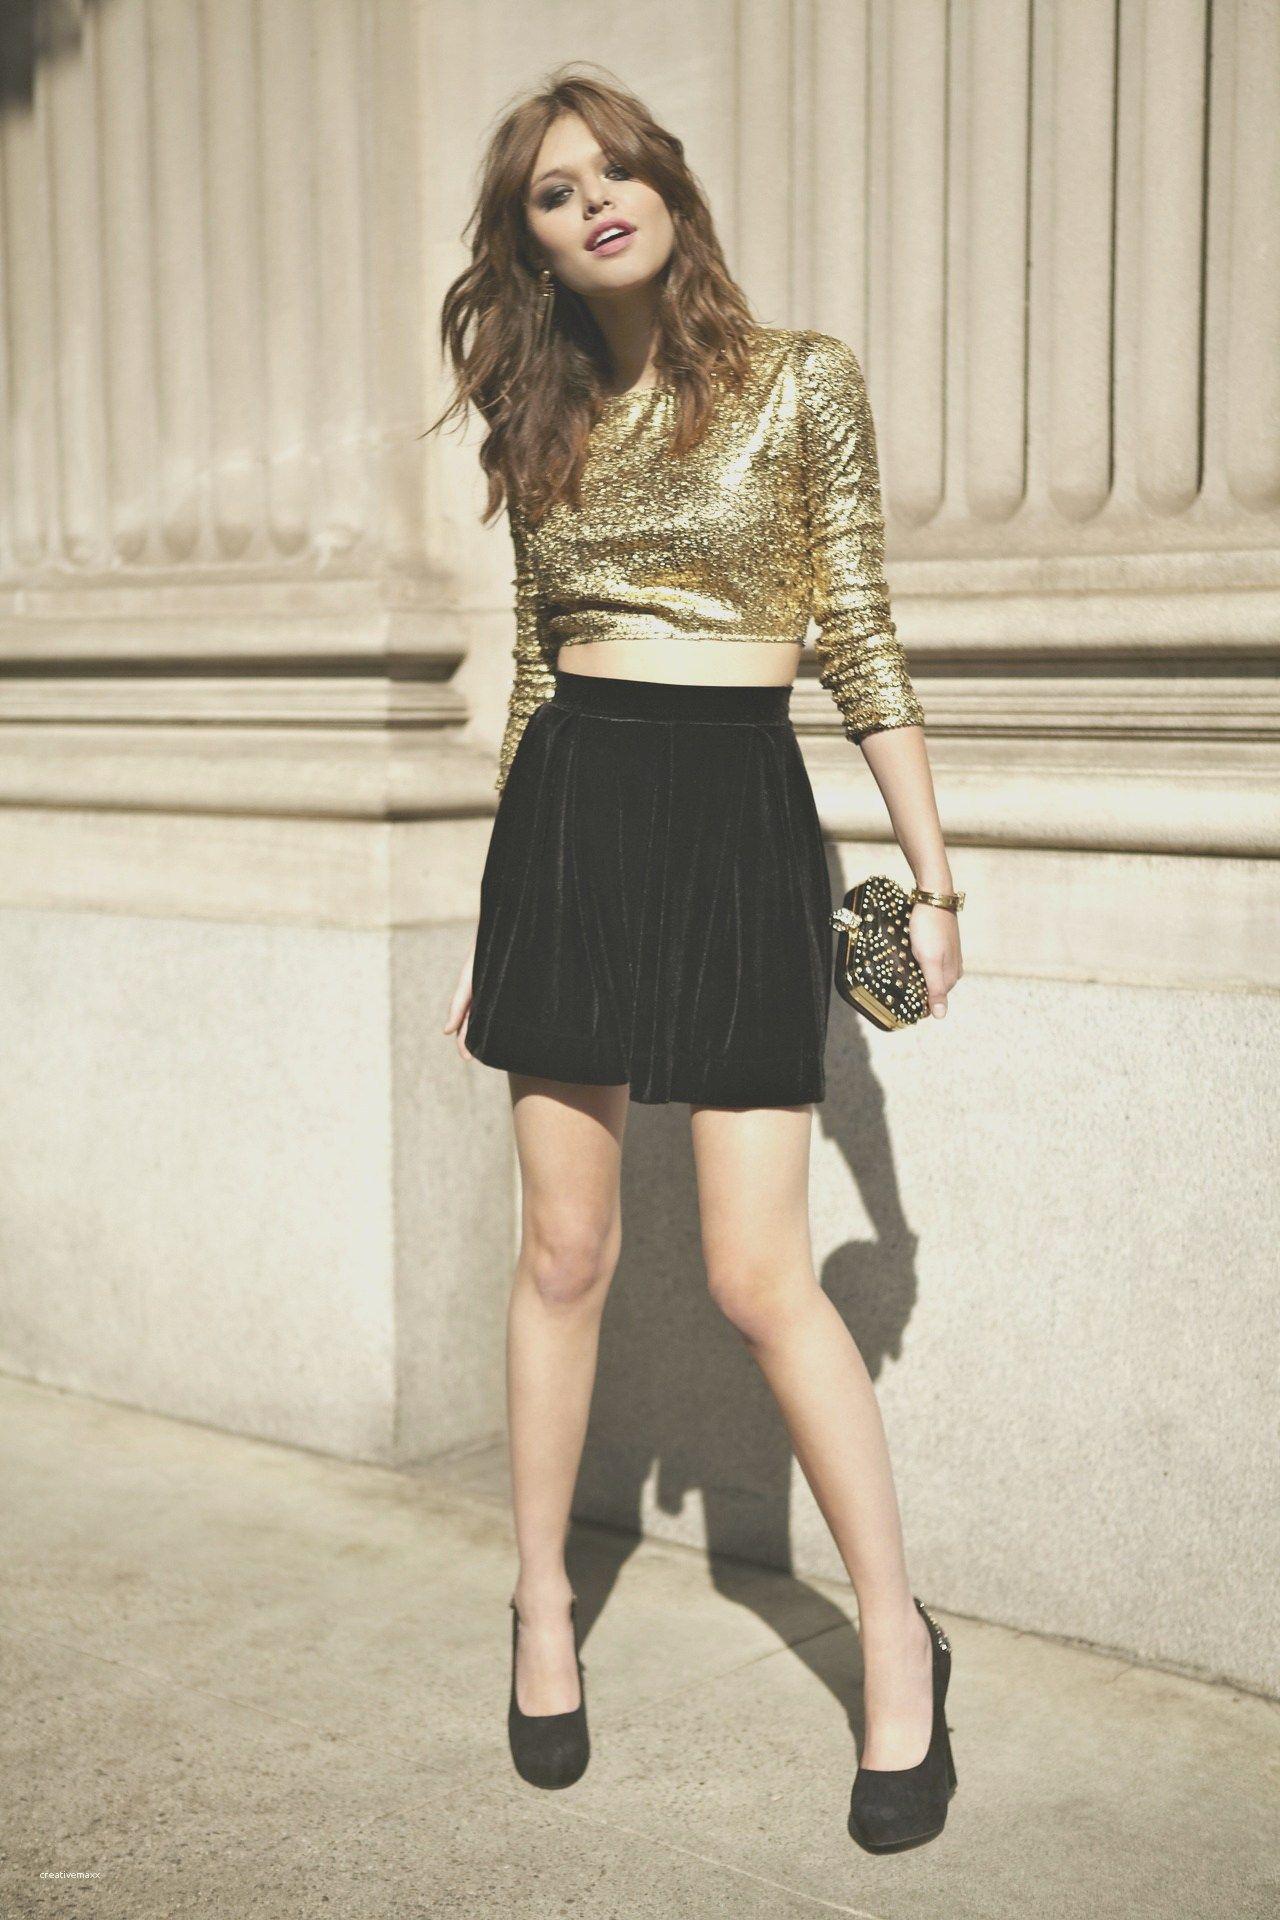 Pin By Quntomrtw On Ludic Fashion Style Beautiful Skirts